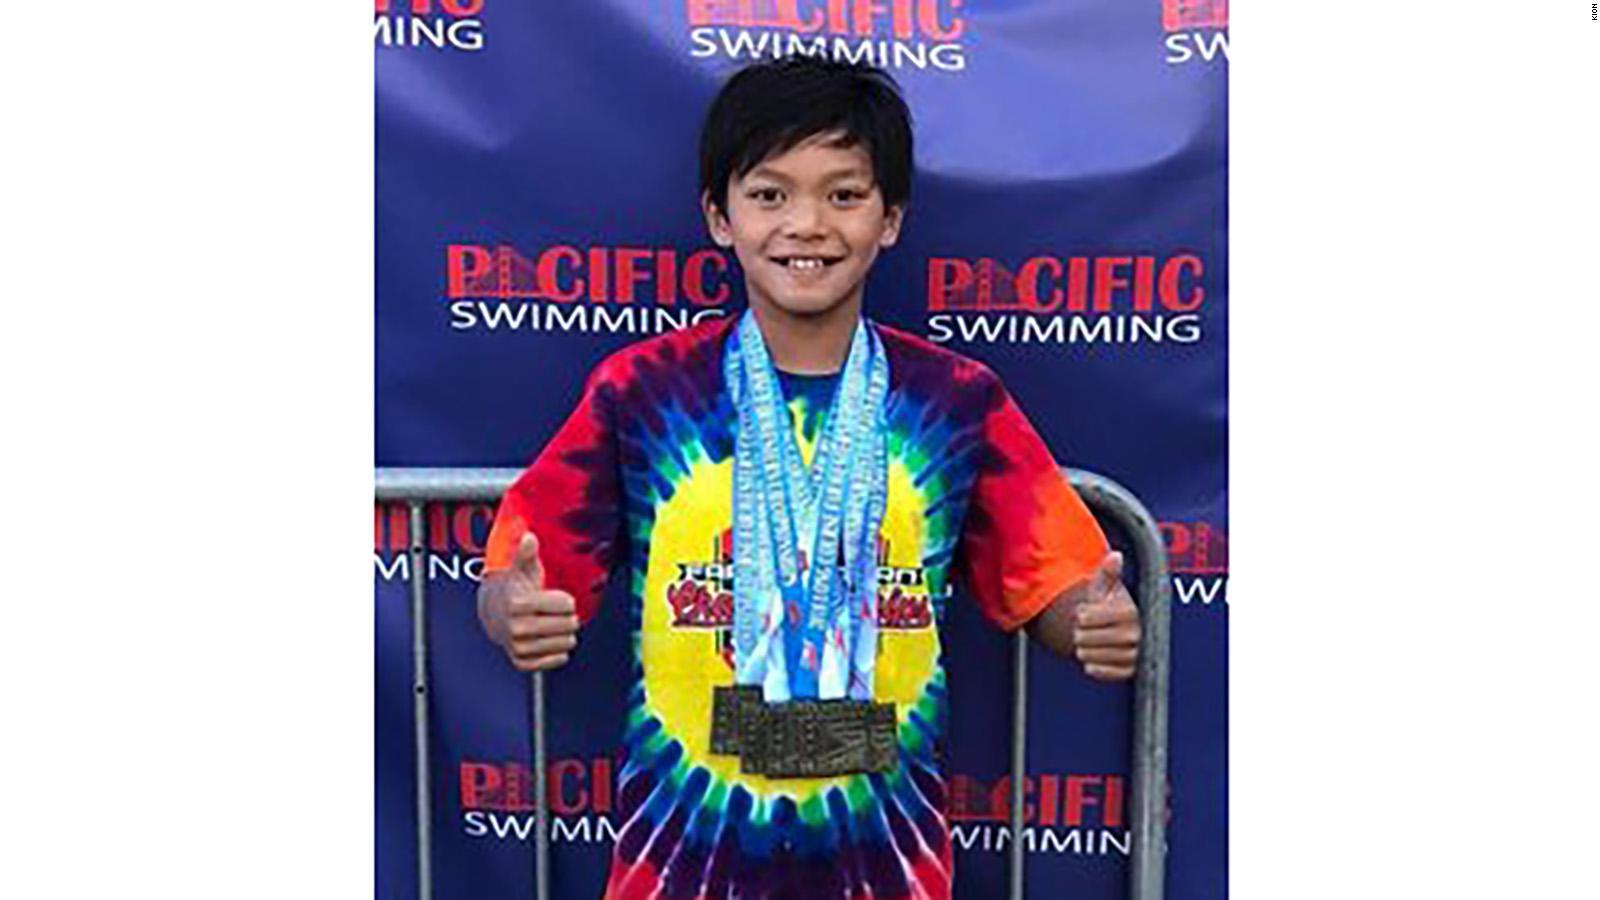 Un récord de Michael Phelps es superado por un niño de tan solo 10 años de edad